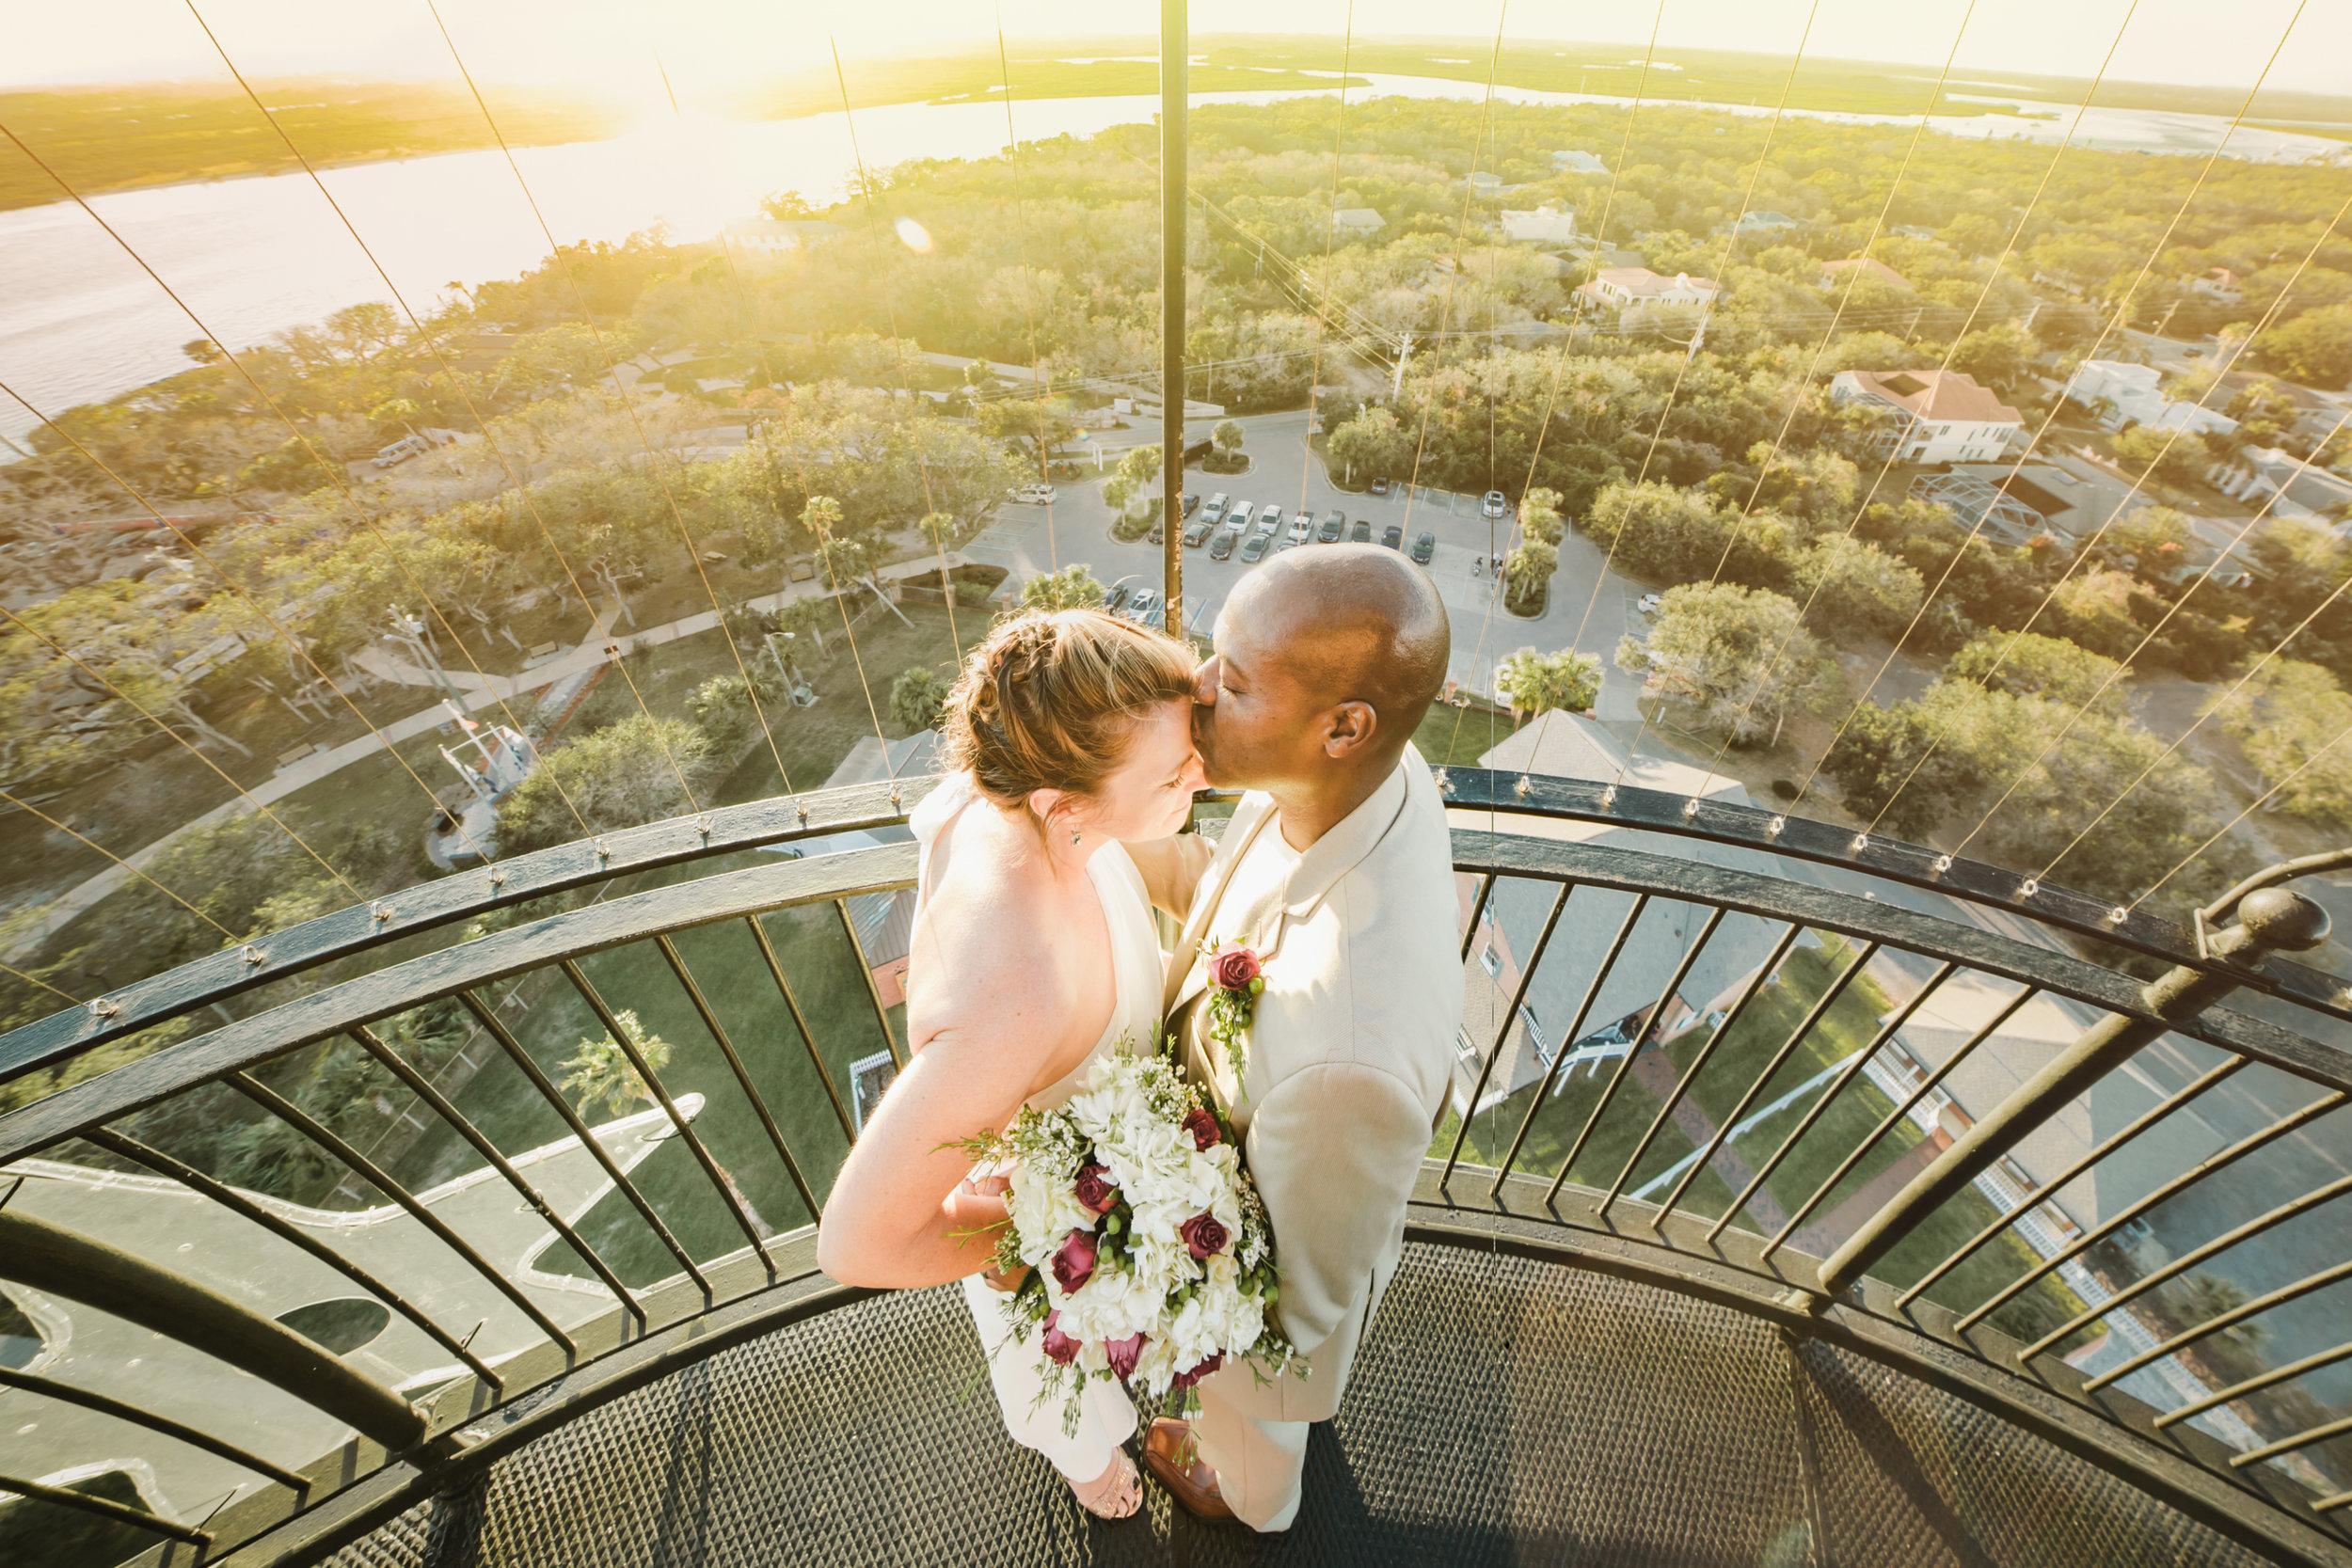 Violets & Seastars- November Ponce Inlet Wedding - Suzette & Dwight 128.jpg